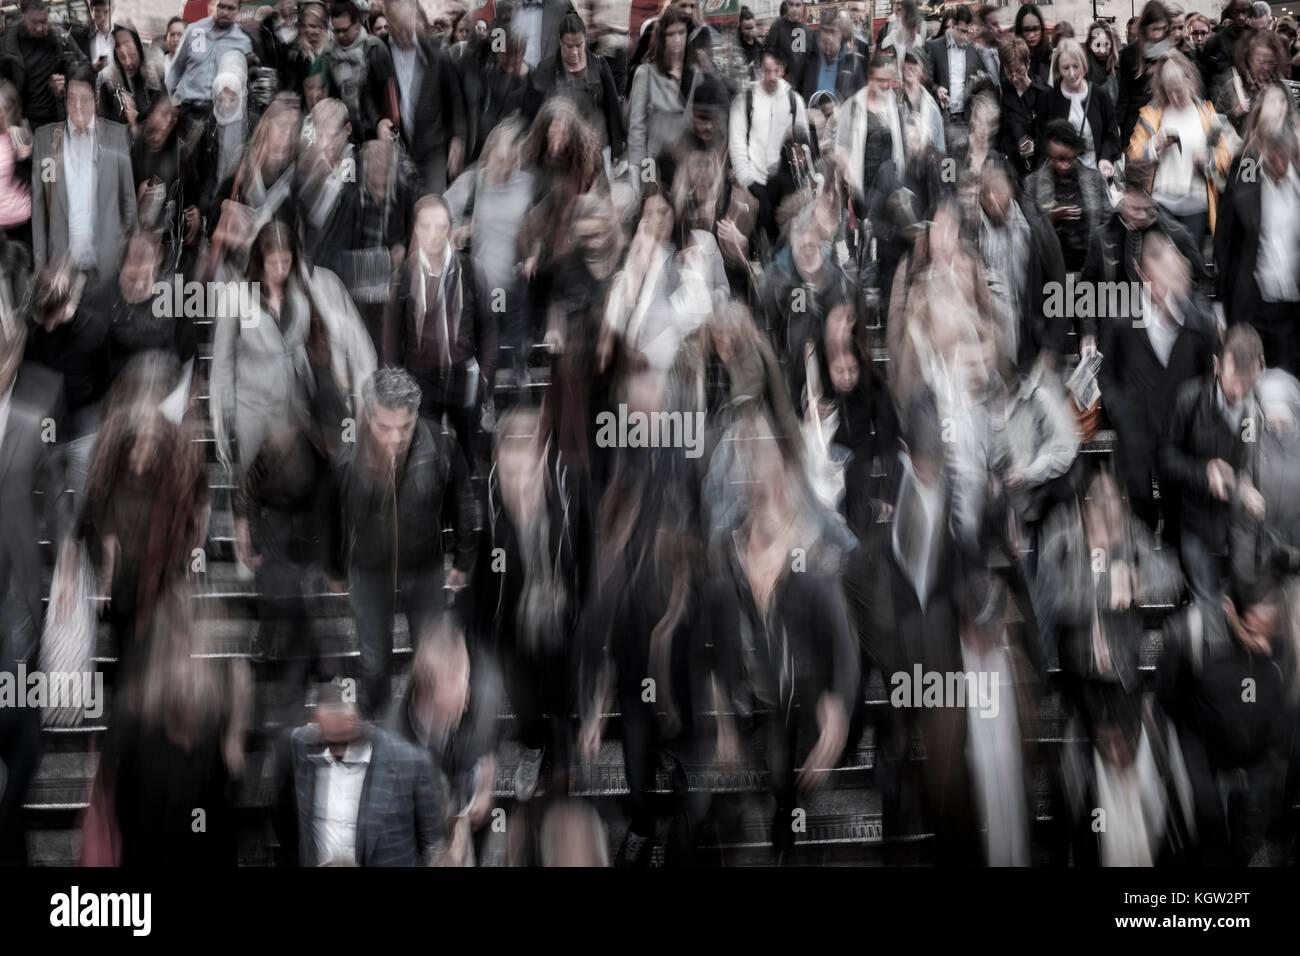 Multitud de personas, Londres, Reino Unido. Imagen De Stock